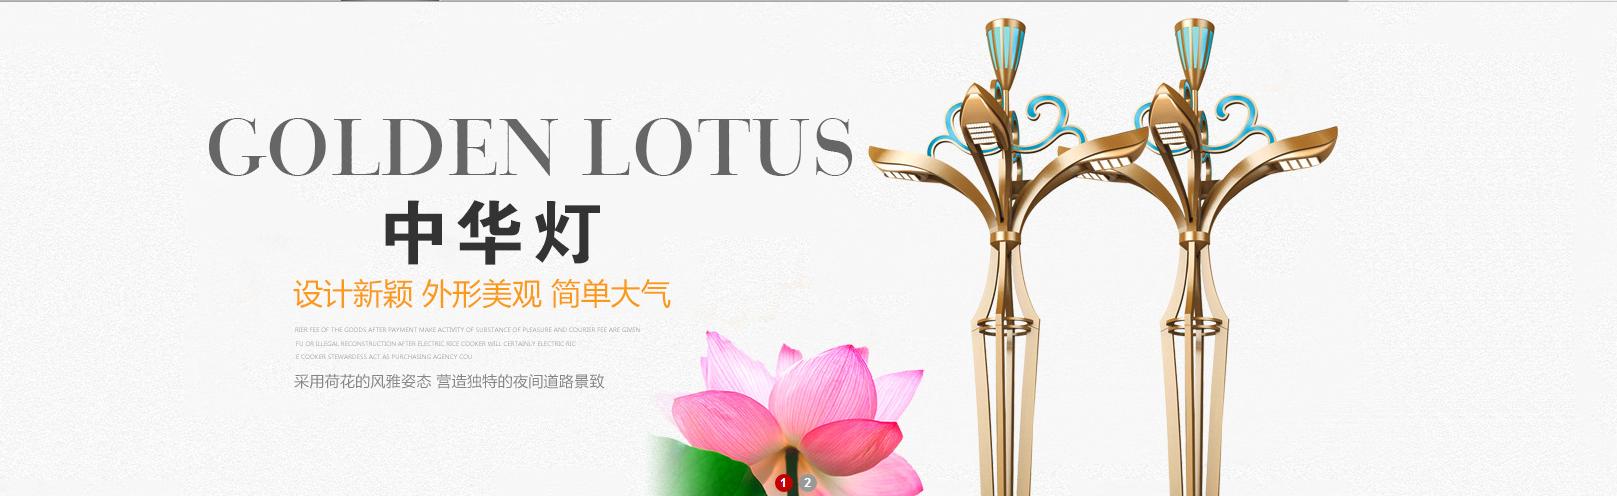 江苏科尼新材料科技有限公司